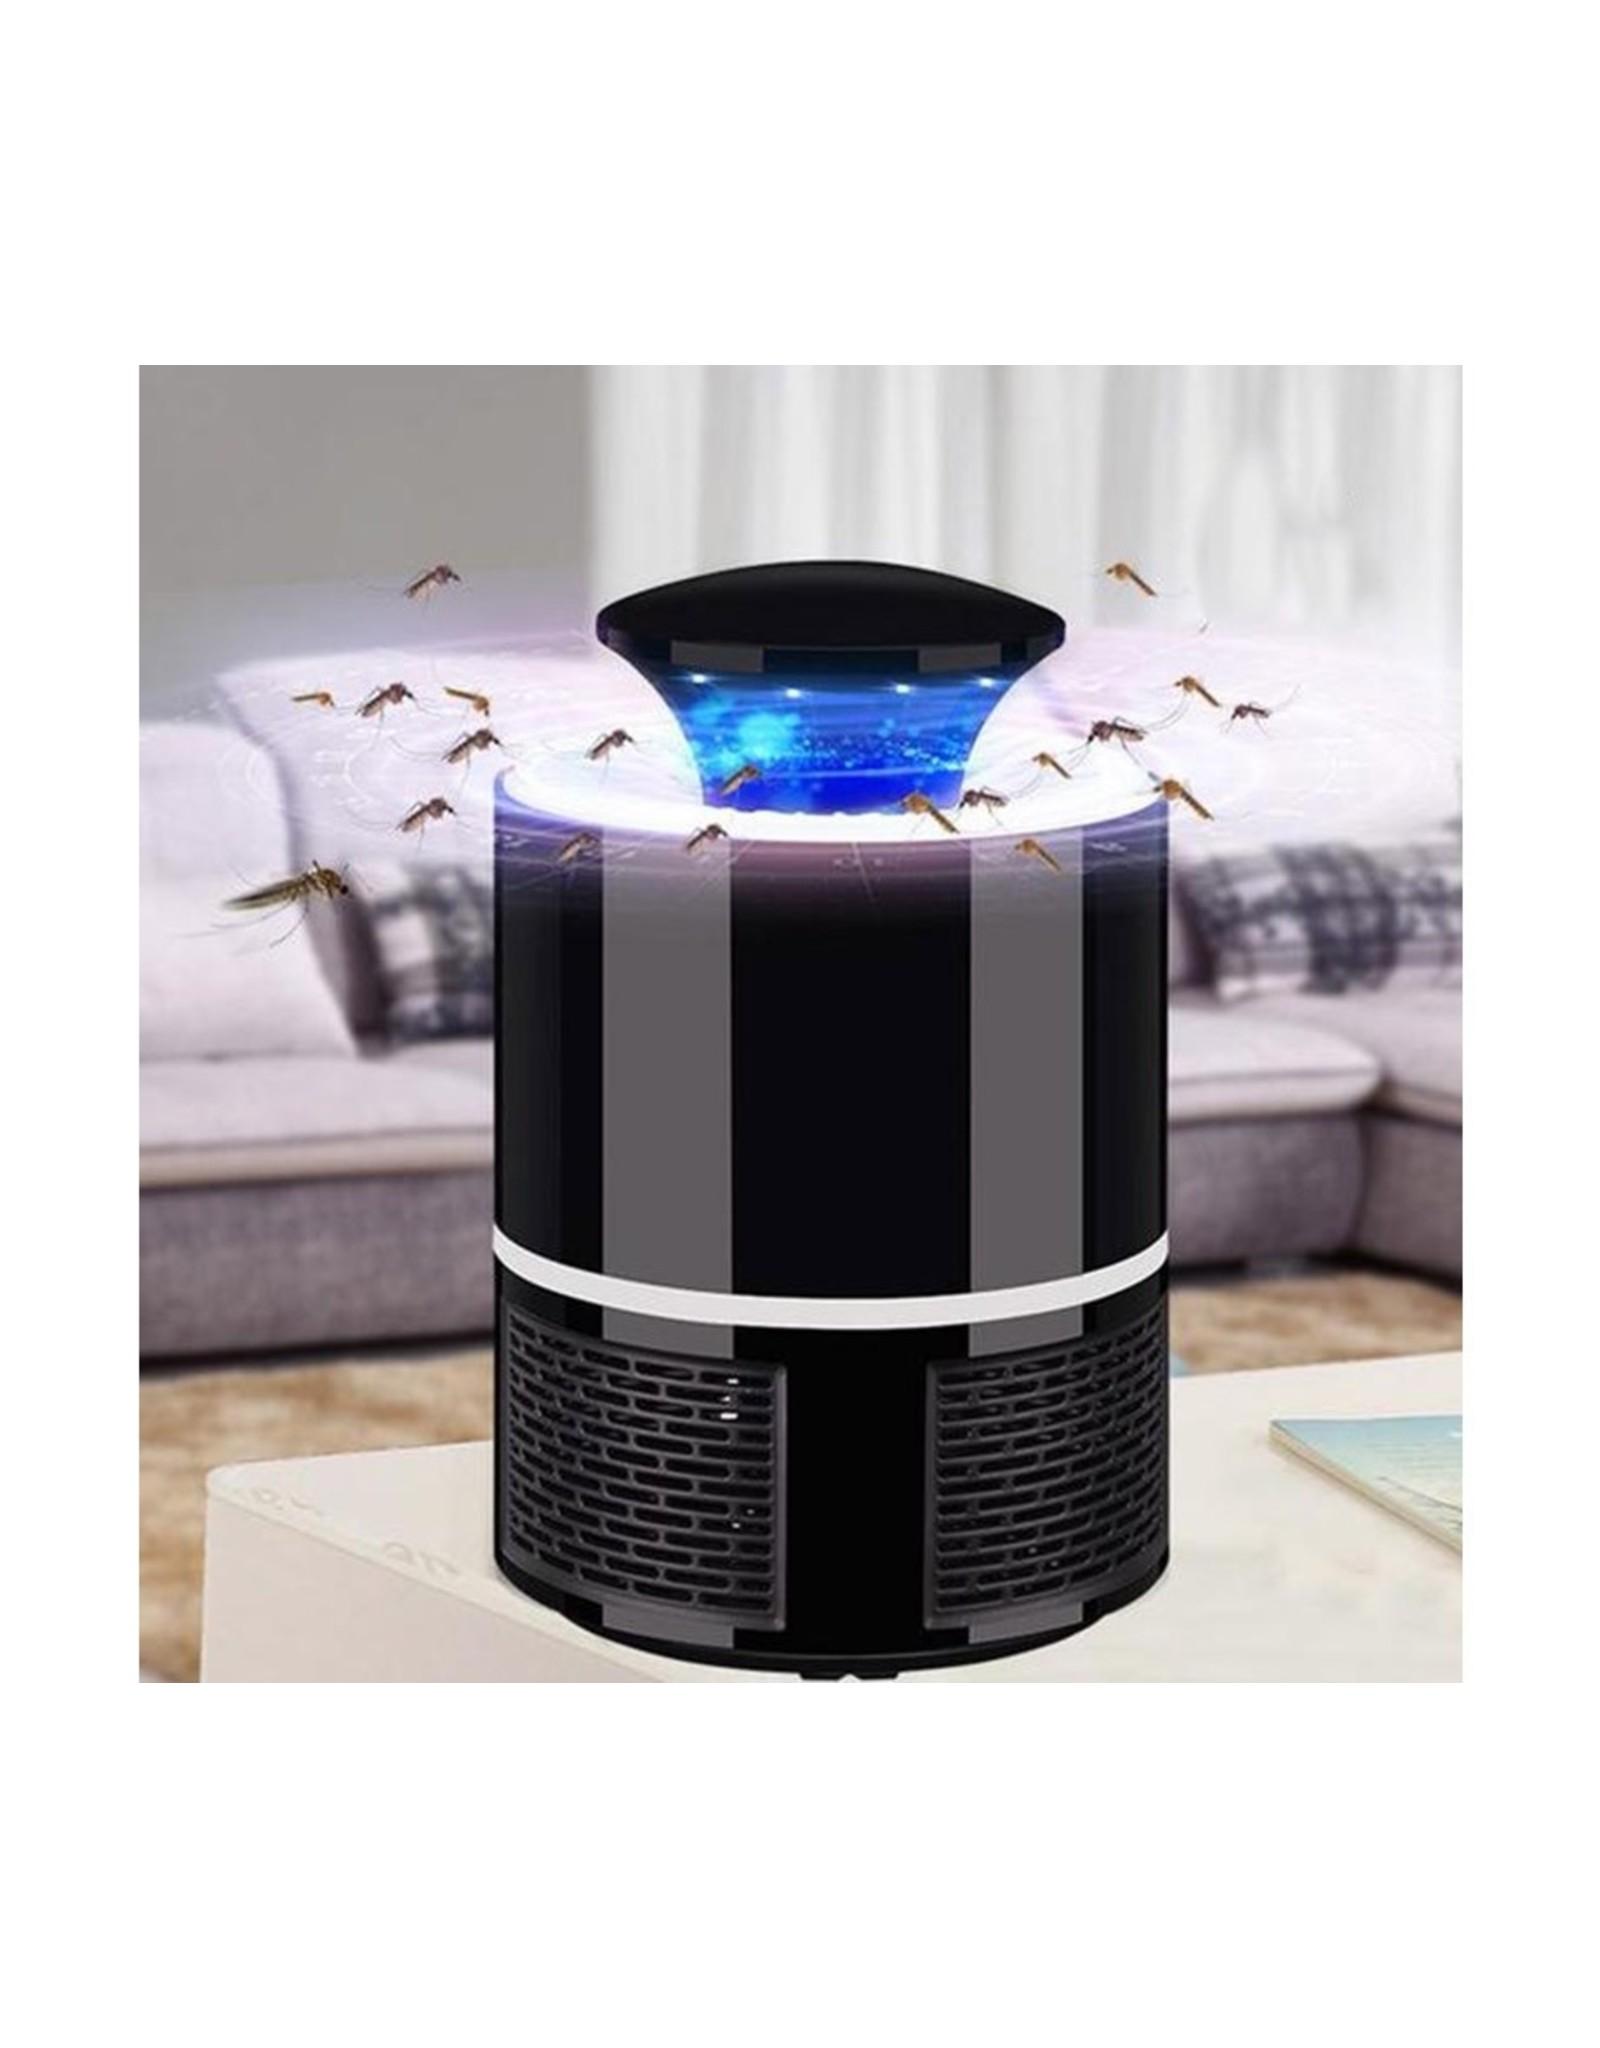 Parya Official  Elektrische Muggenvanger - Lokt Muggen En Zuigt Ze Op!